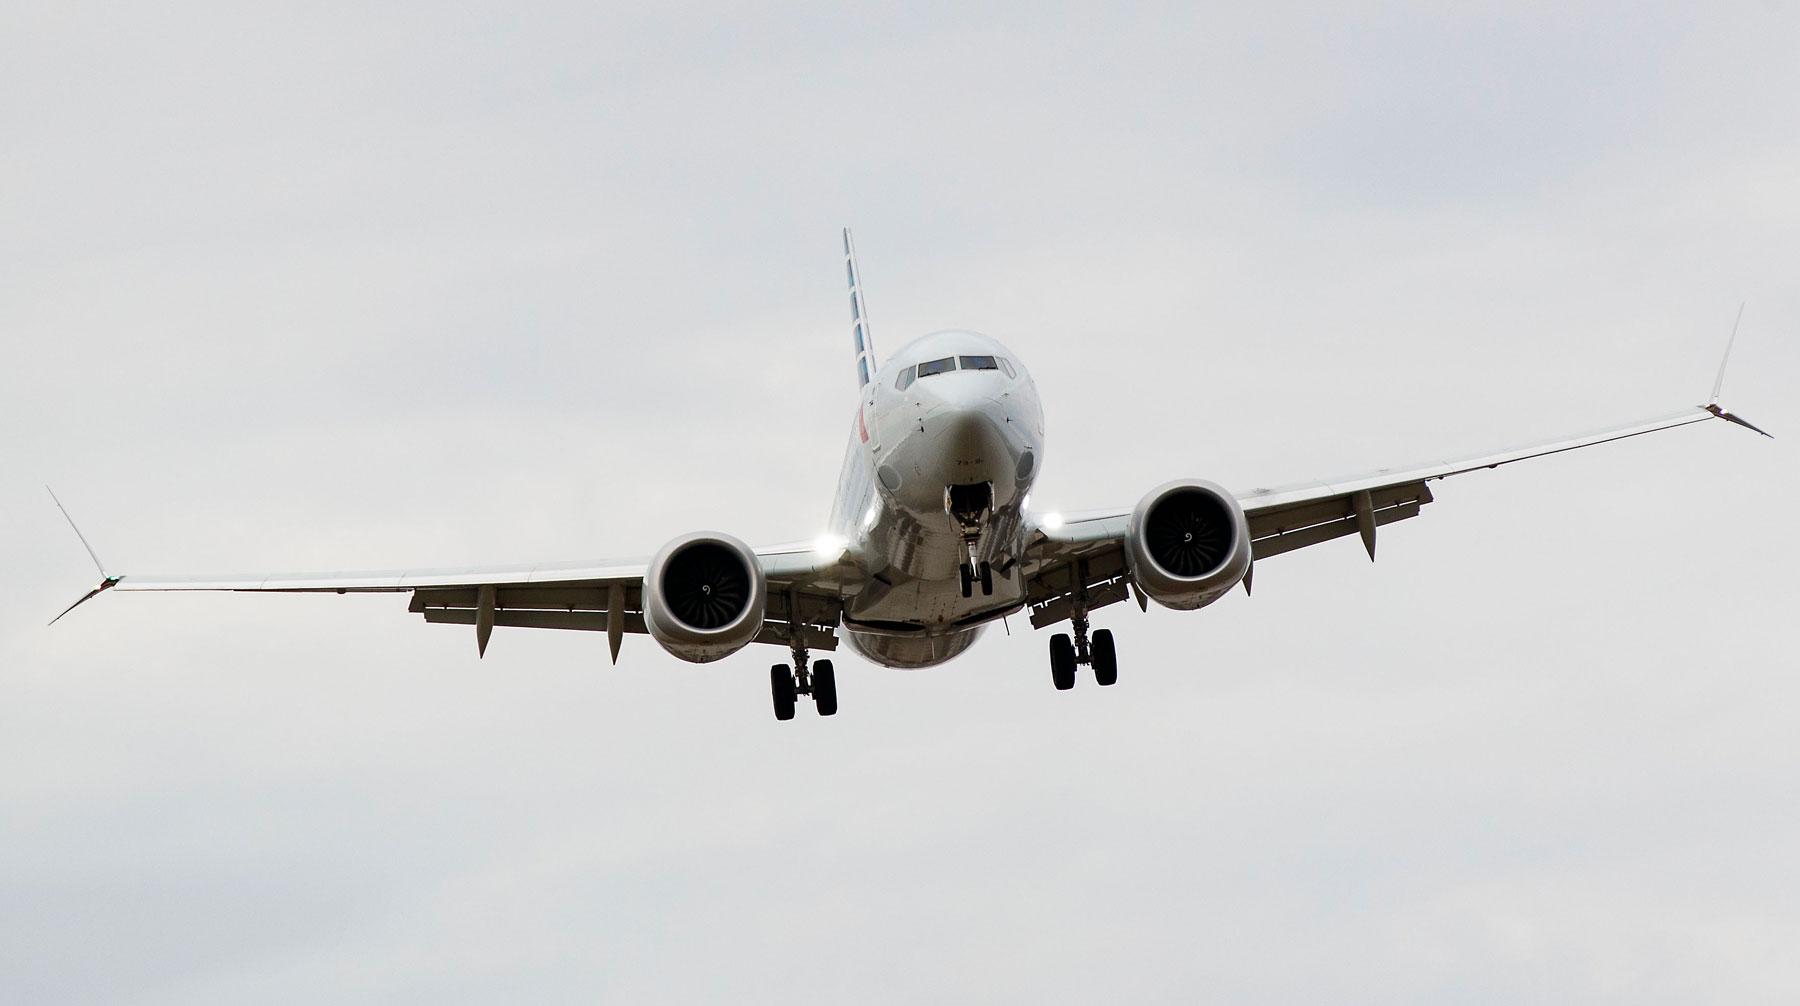 Для лайнеров этой модели закрыли воздушное пространство уже более 20 стран